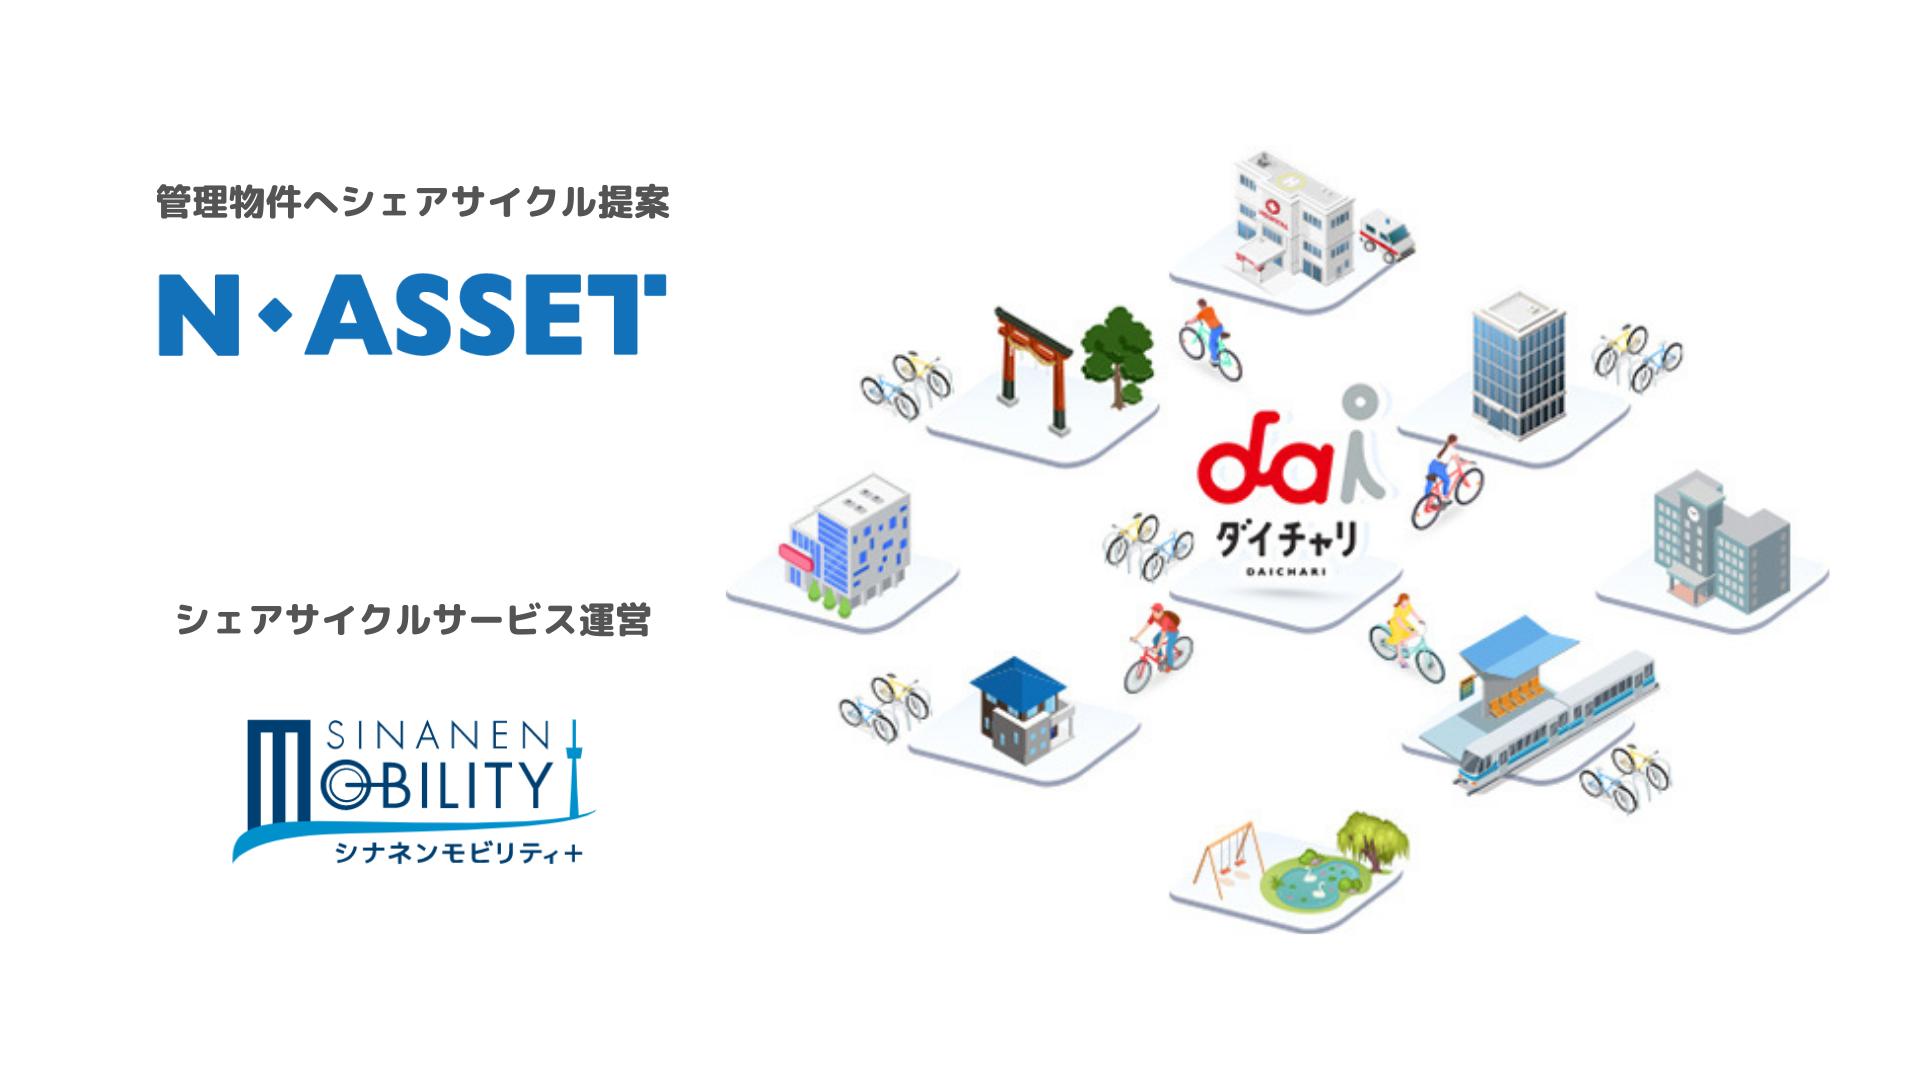 エヌアセット社と提携しシェアサイクル「ダイチャリ」の拡充